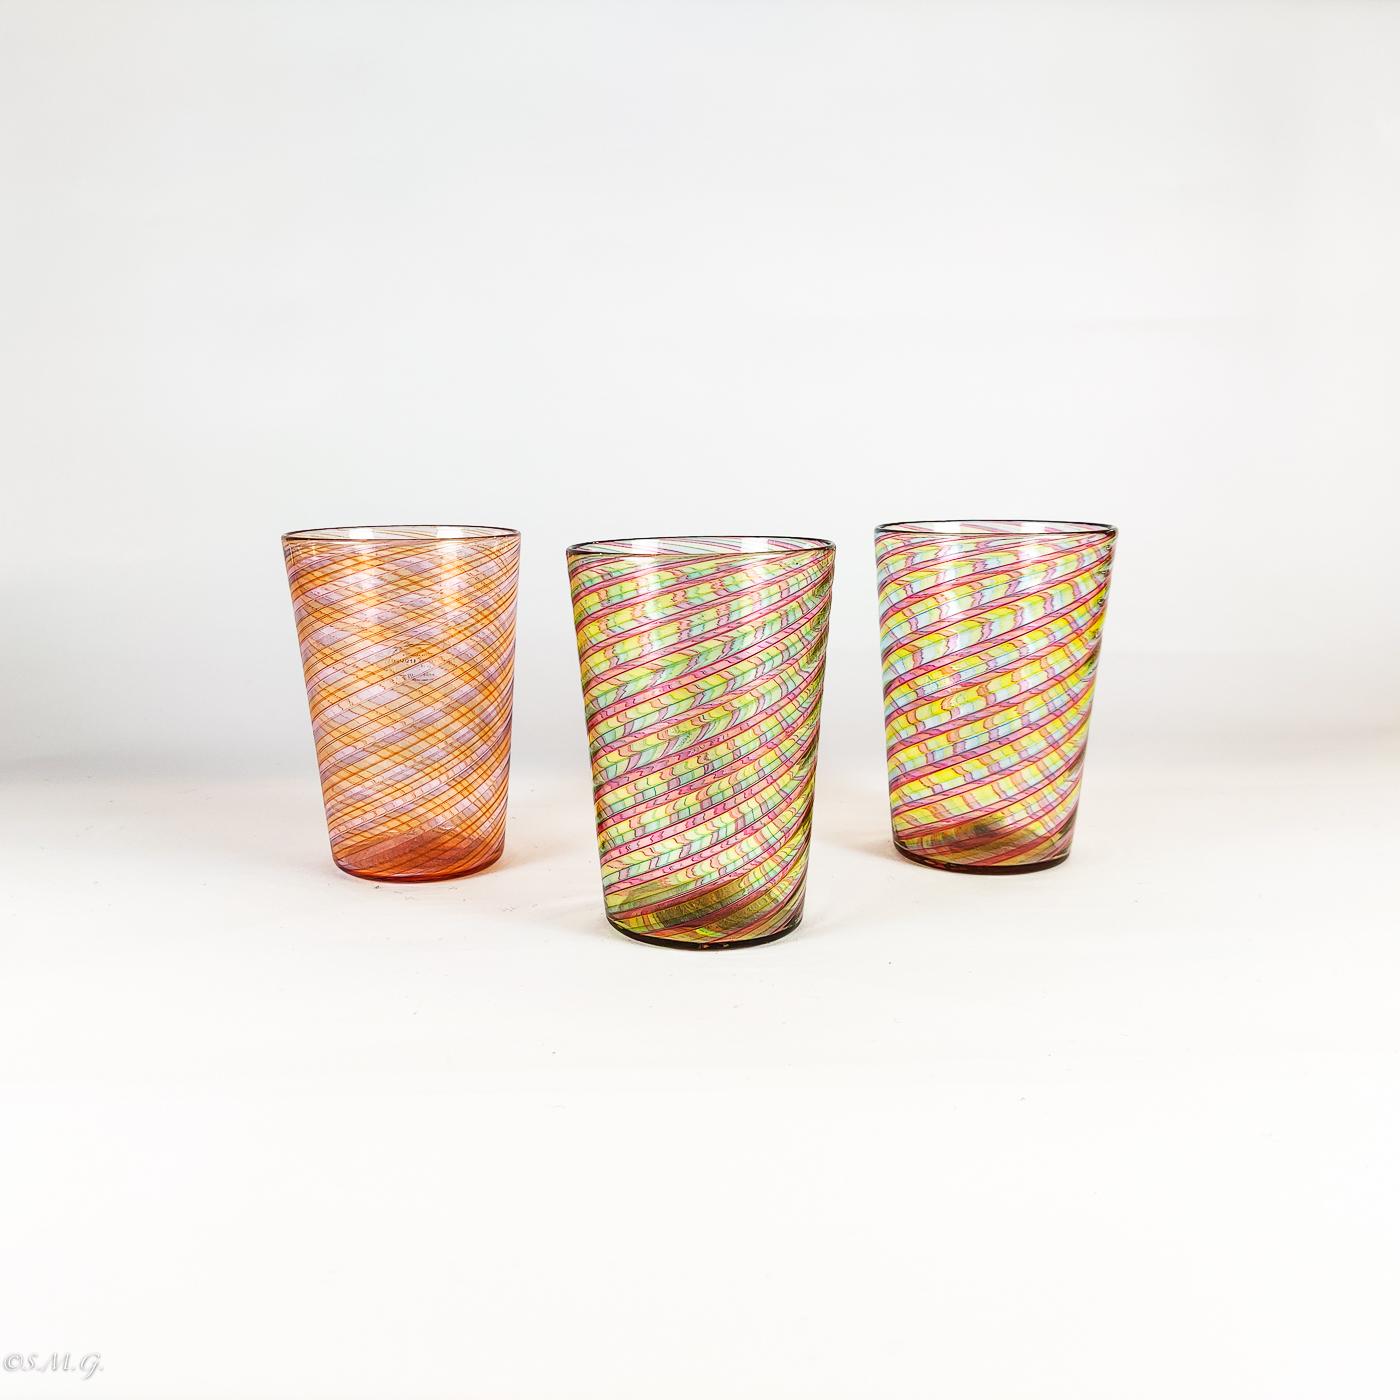 3 Bicchieri in vetro di Murano con filigrana